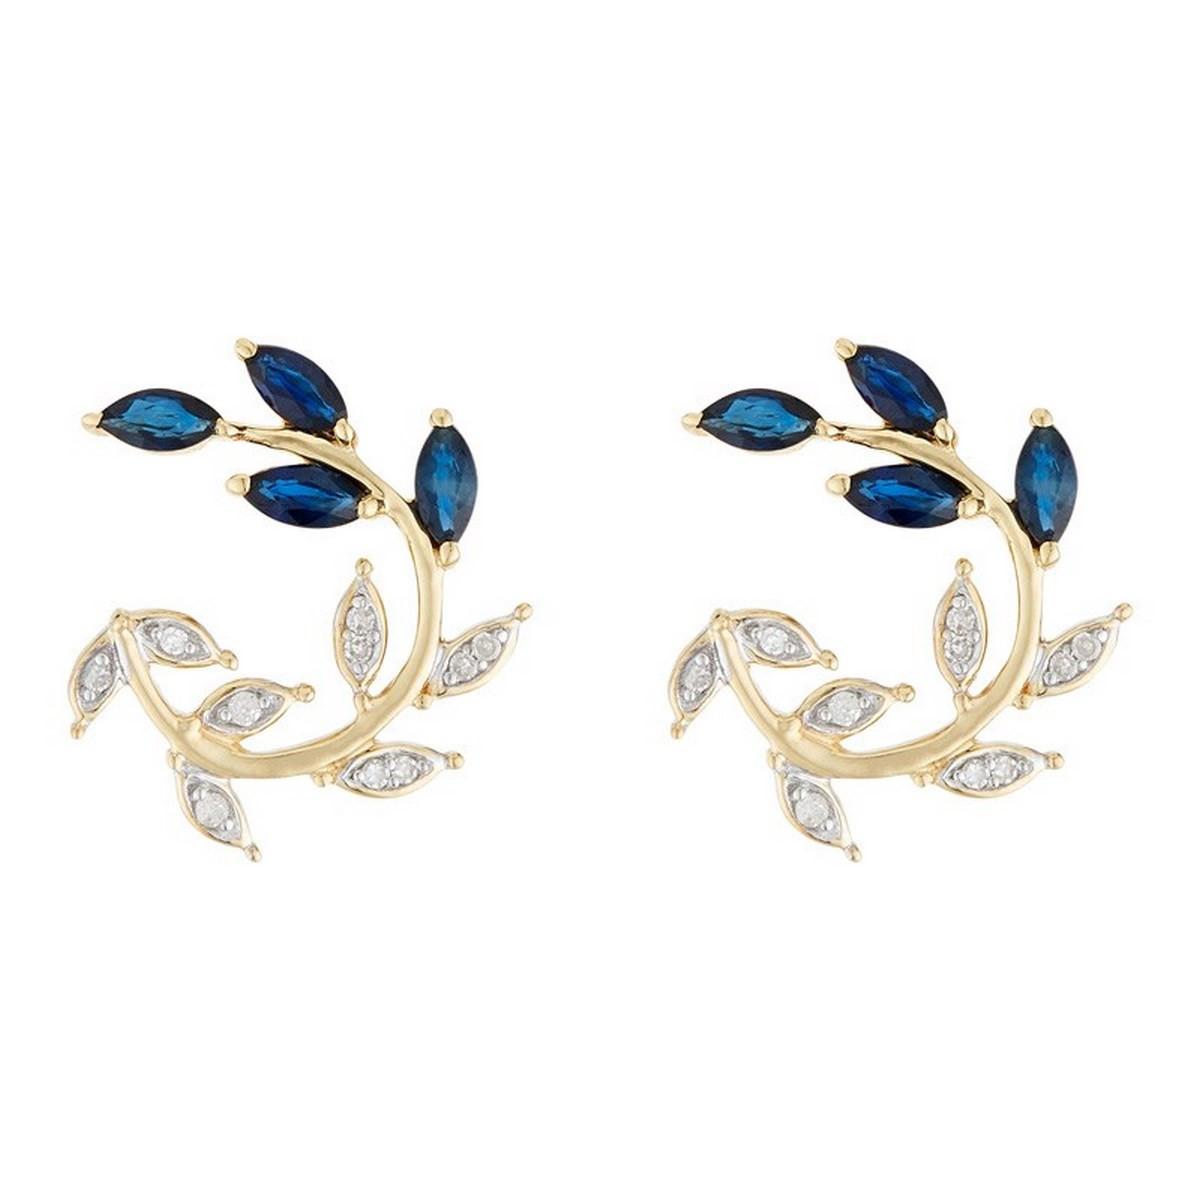 """Boucles d'oreilles Or Jaune 375 """"HYDRA"""" Diamants et Saphir 2.28 carats"""